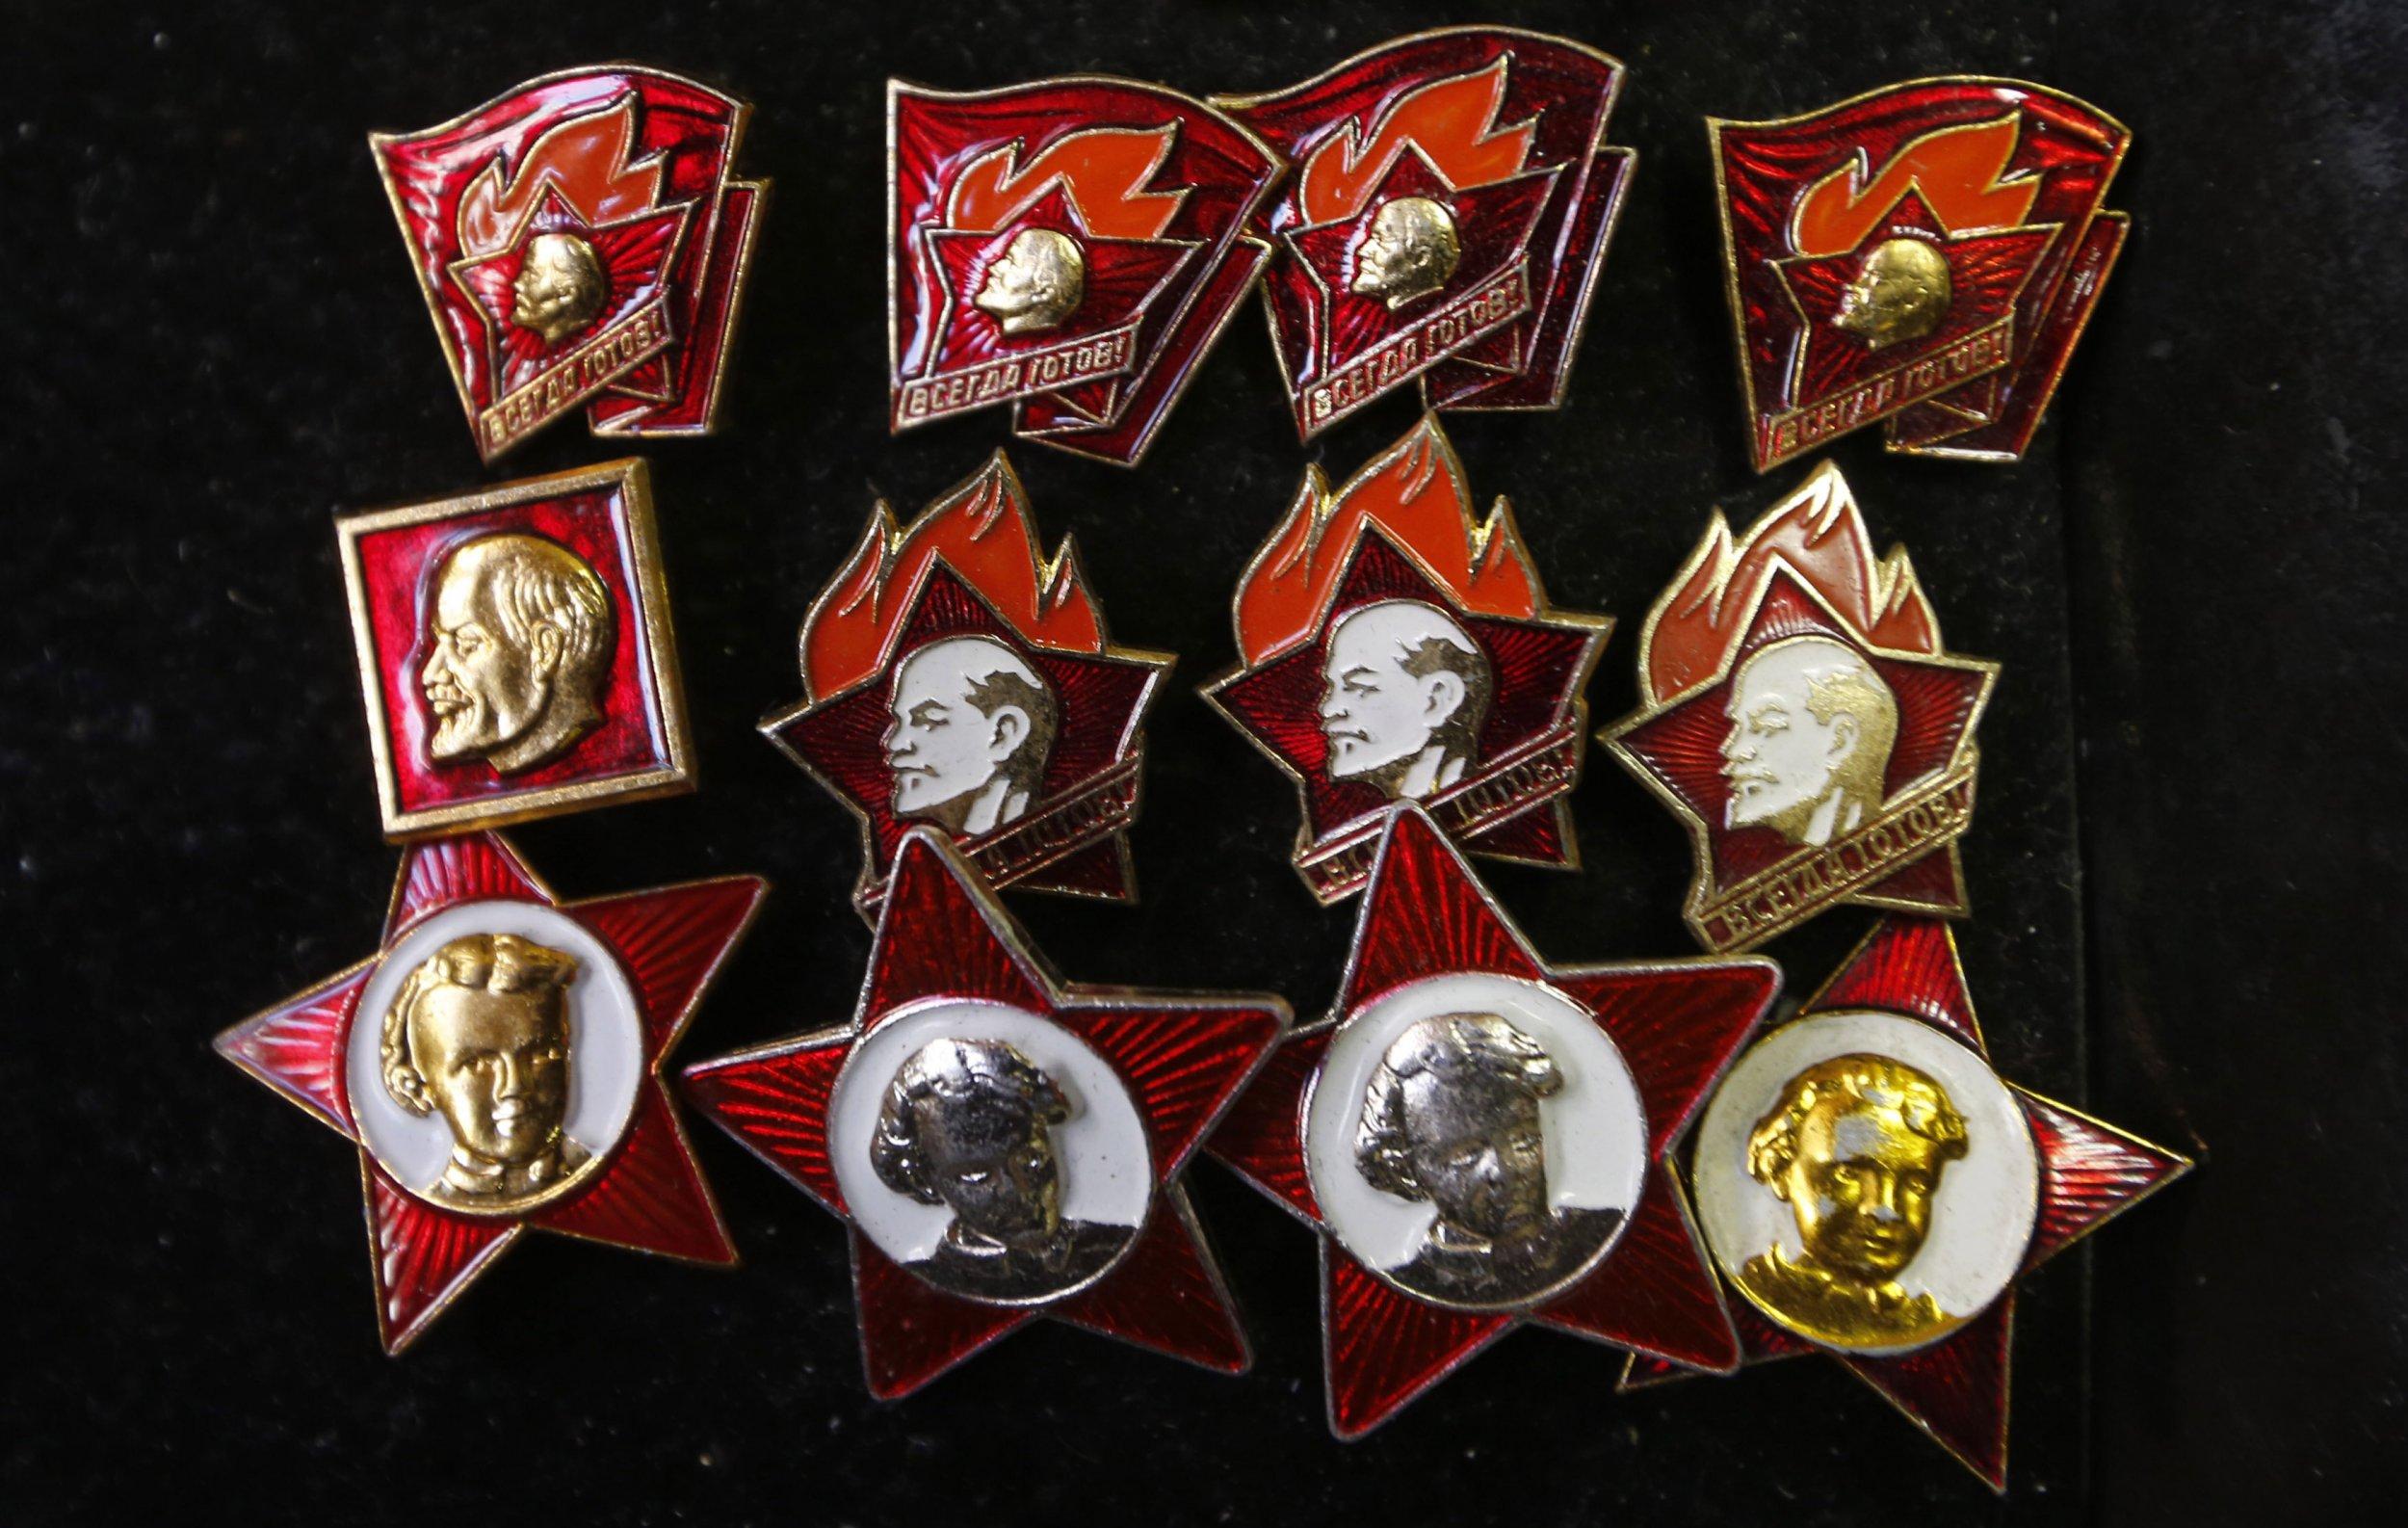 Lenin badges